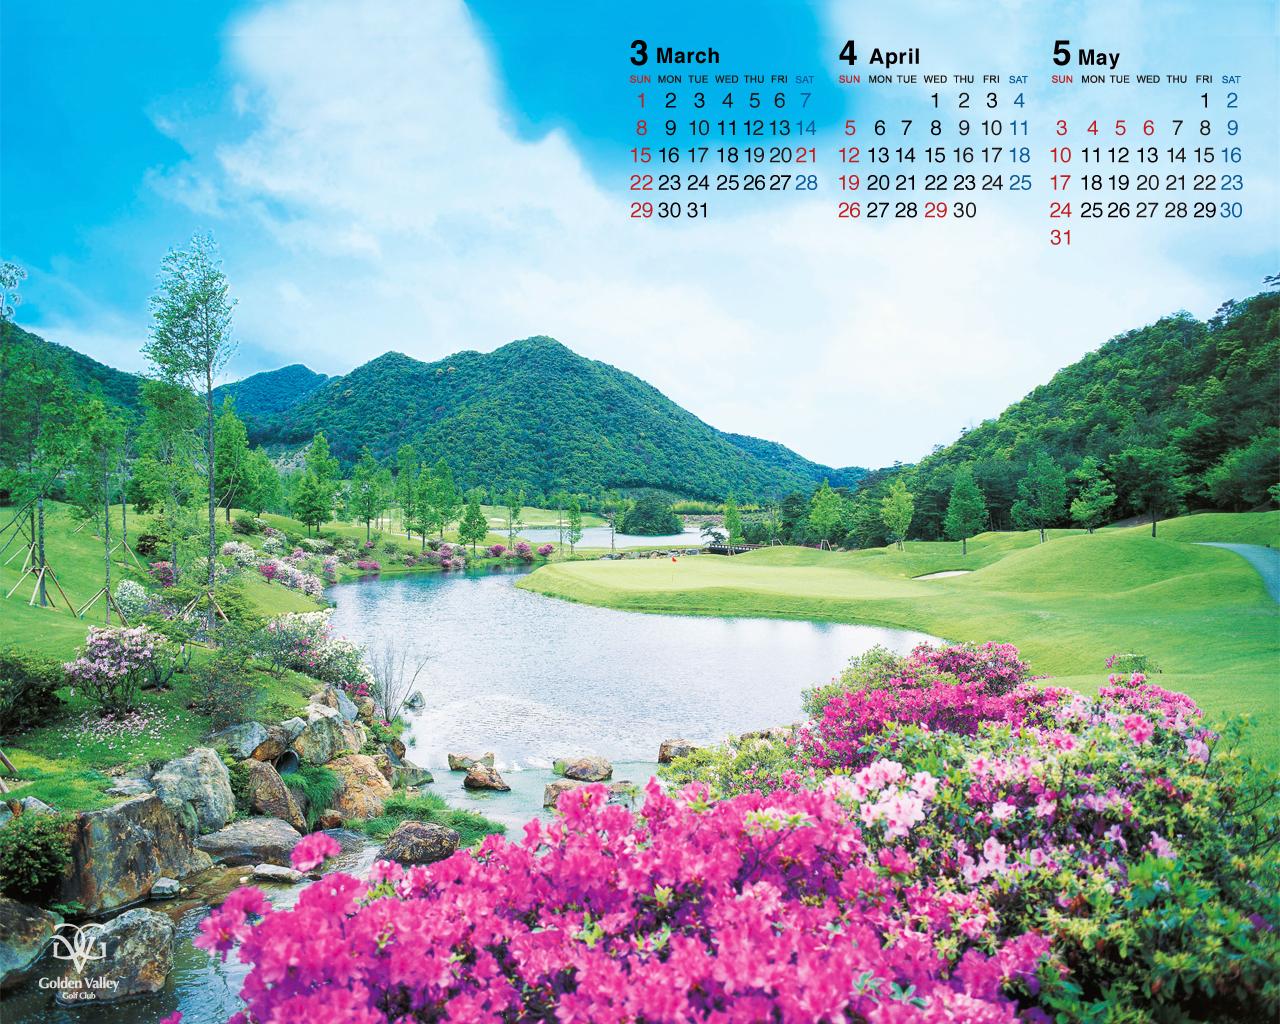 カレンダー 2015カレンダー無料ダウンロード : オリジナルカレンダー壁紙無料 ...